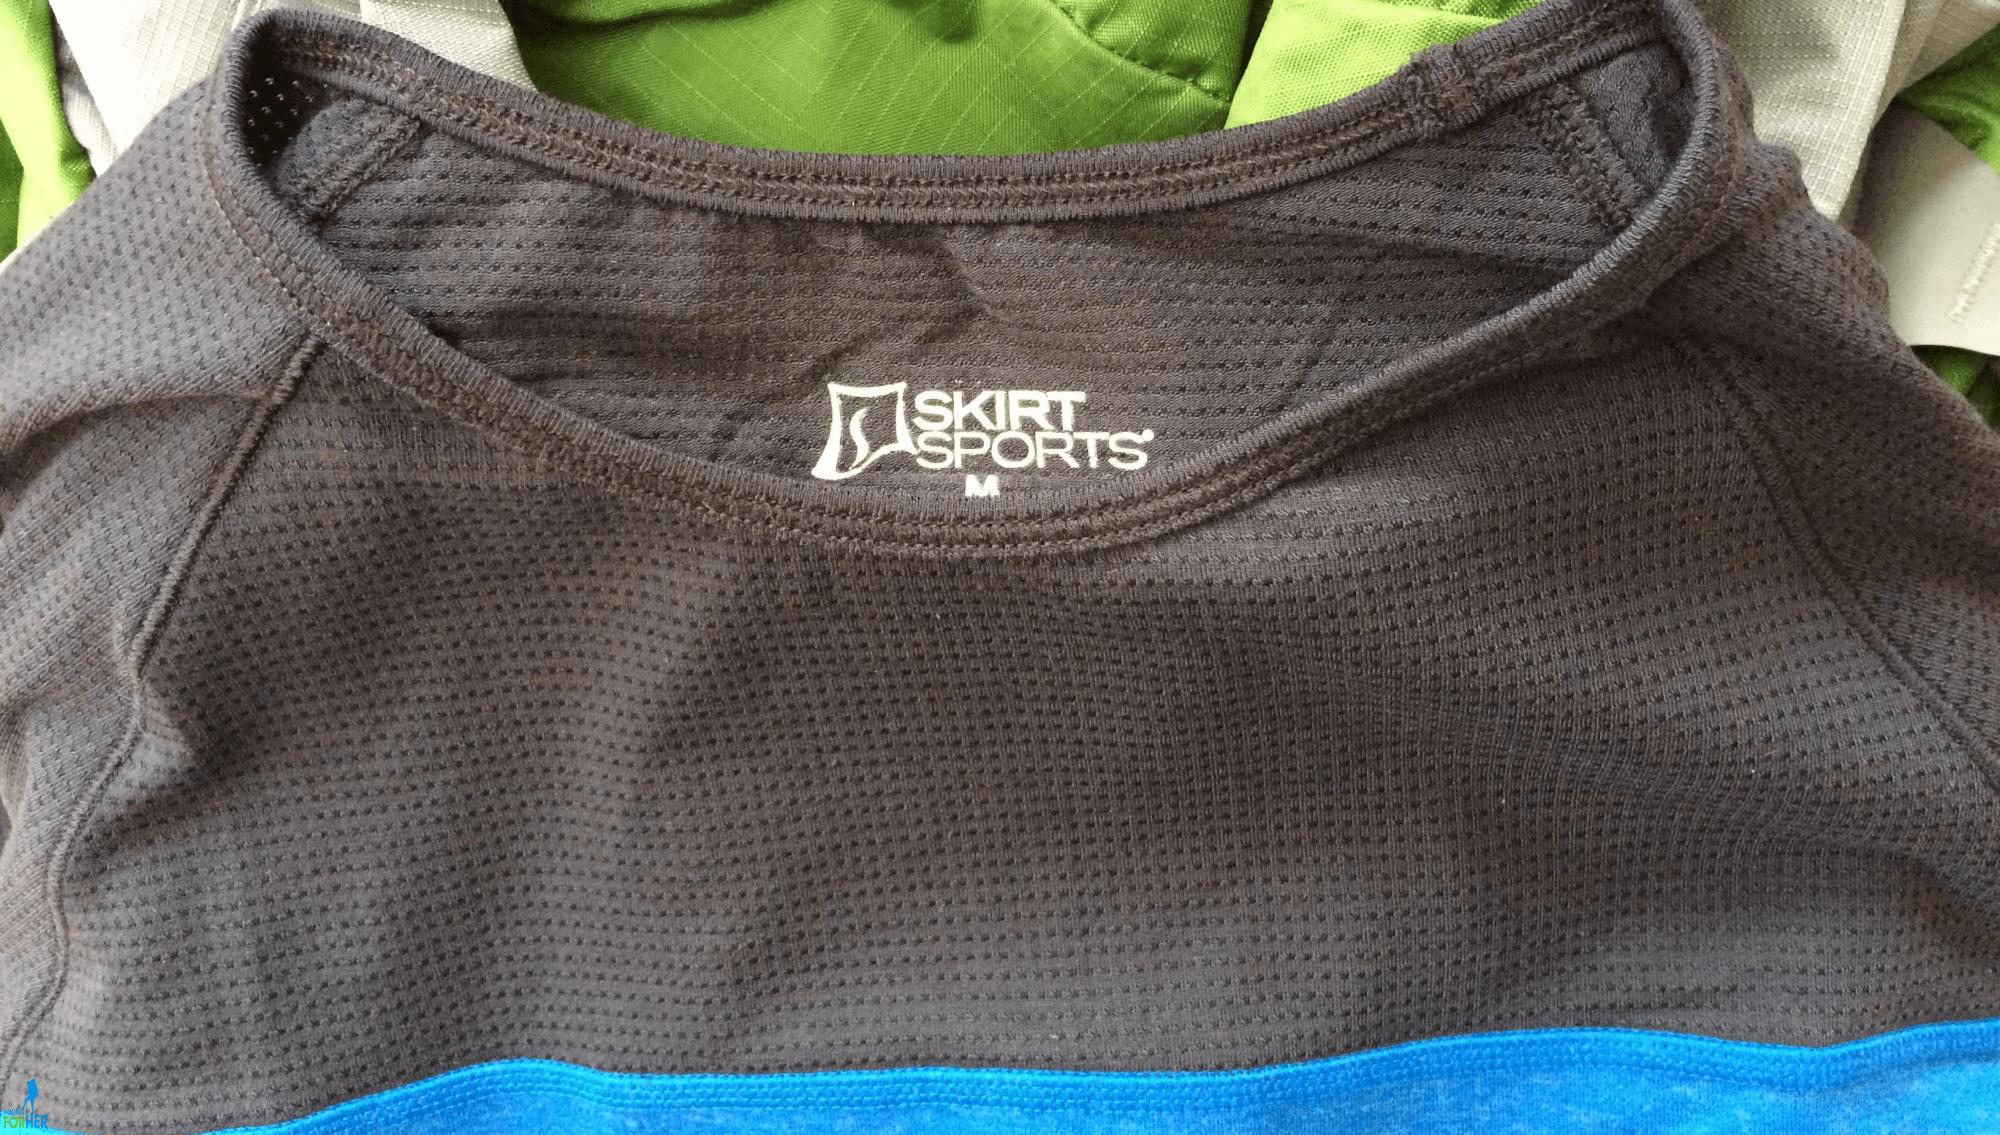 Skirt Sports upper mesh on shirt